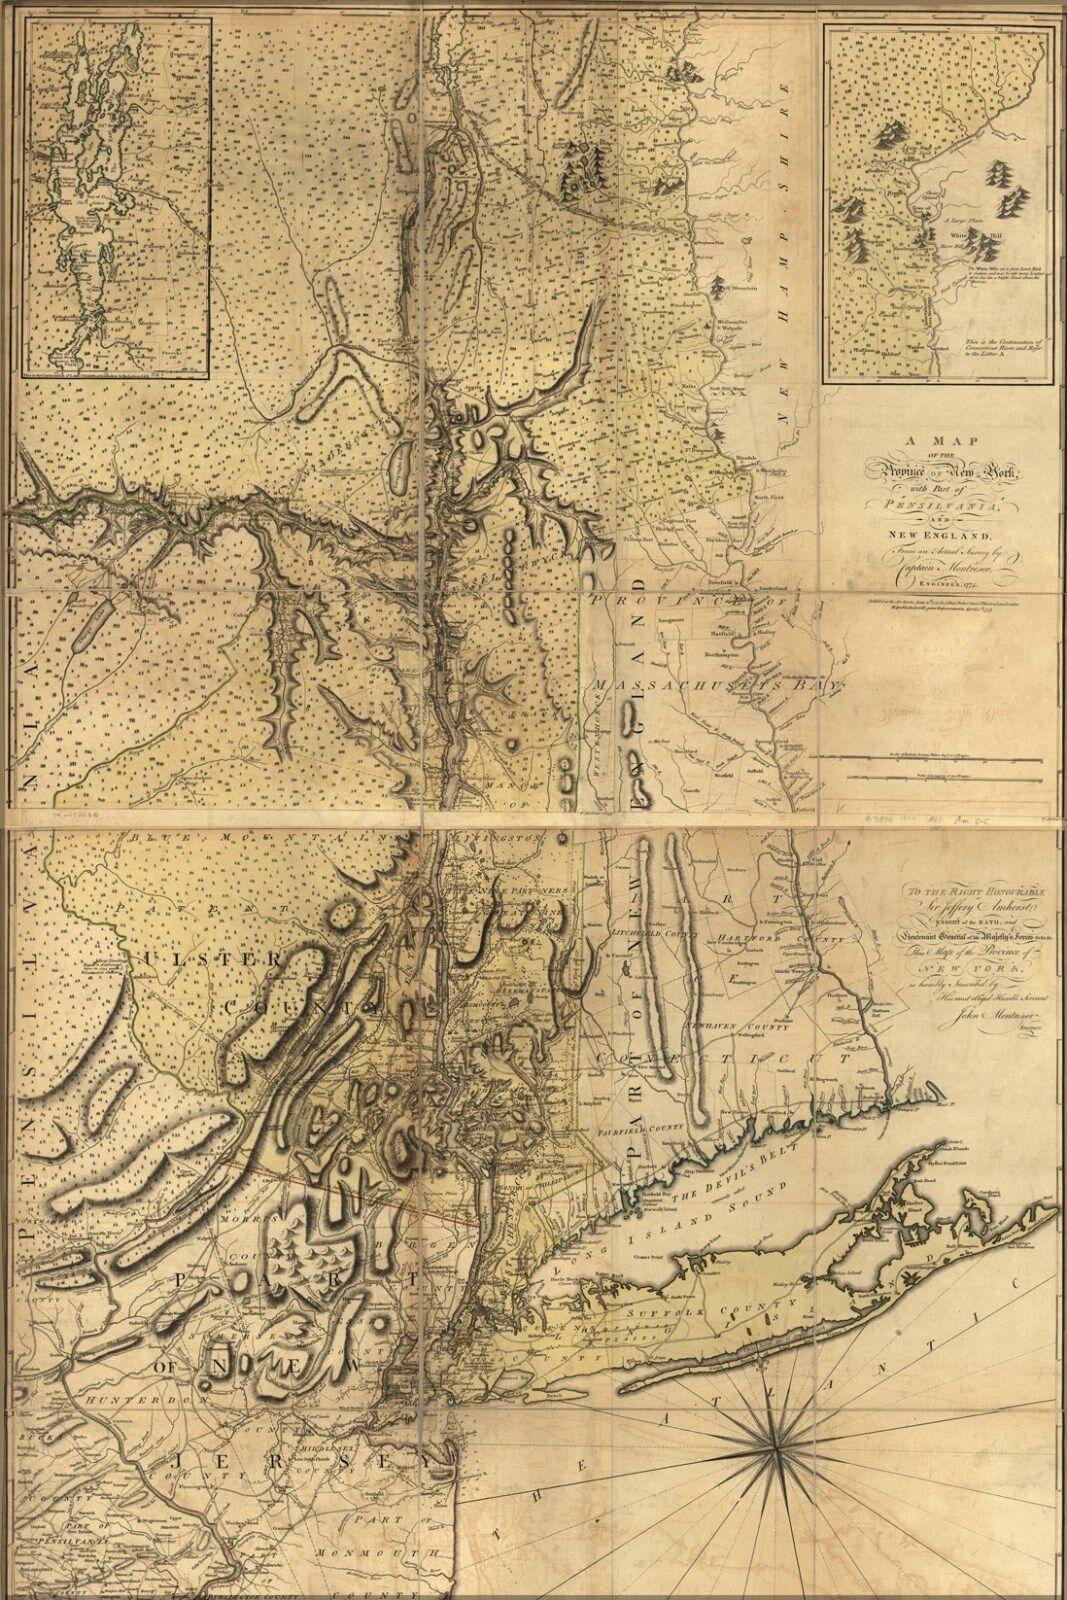 Poster, Molte Misure; Mappa Del New York City Long Island Area 1775 P1